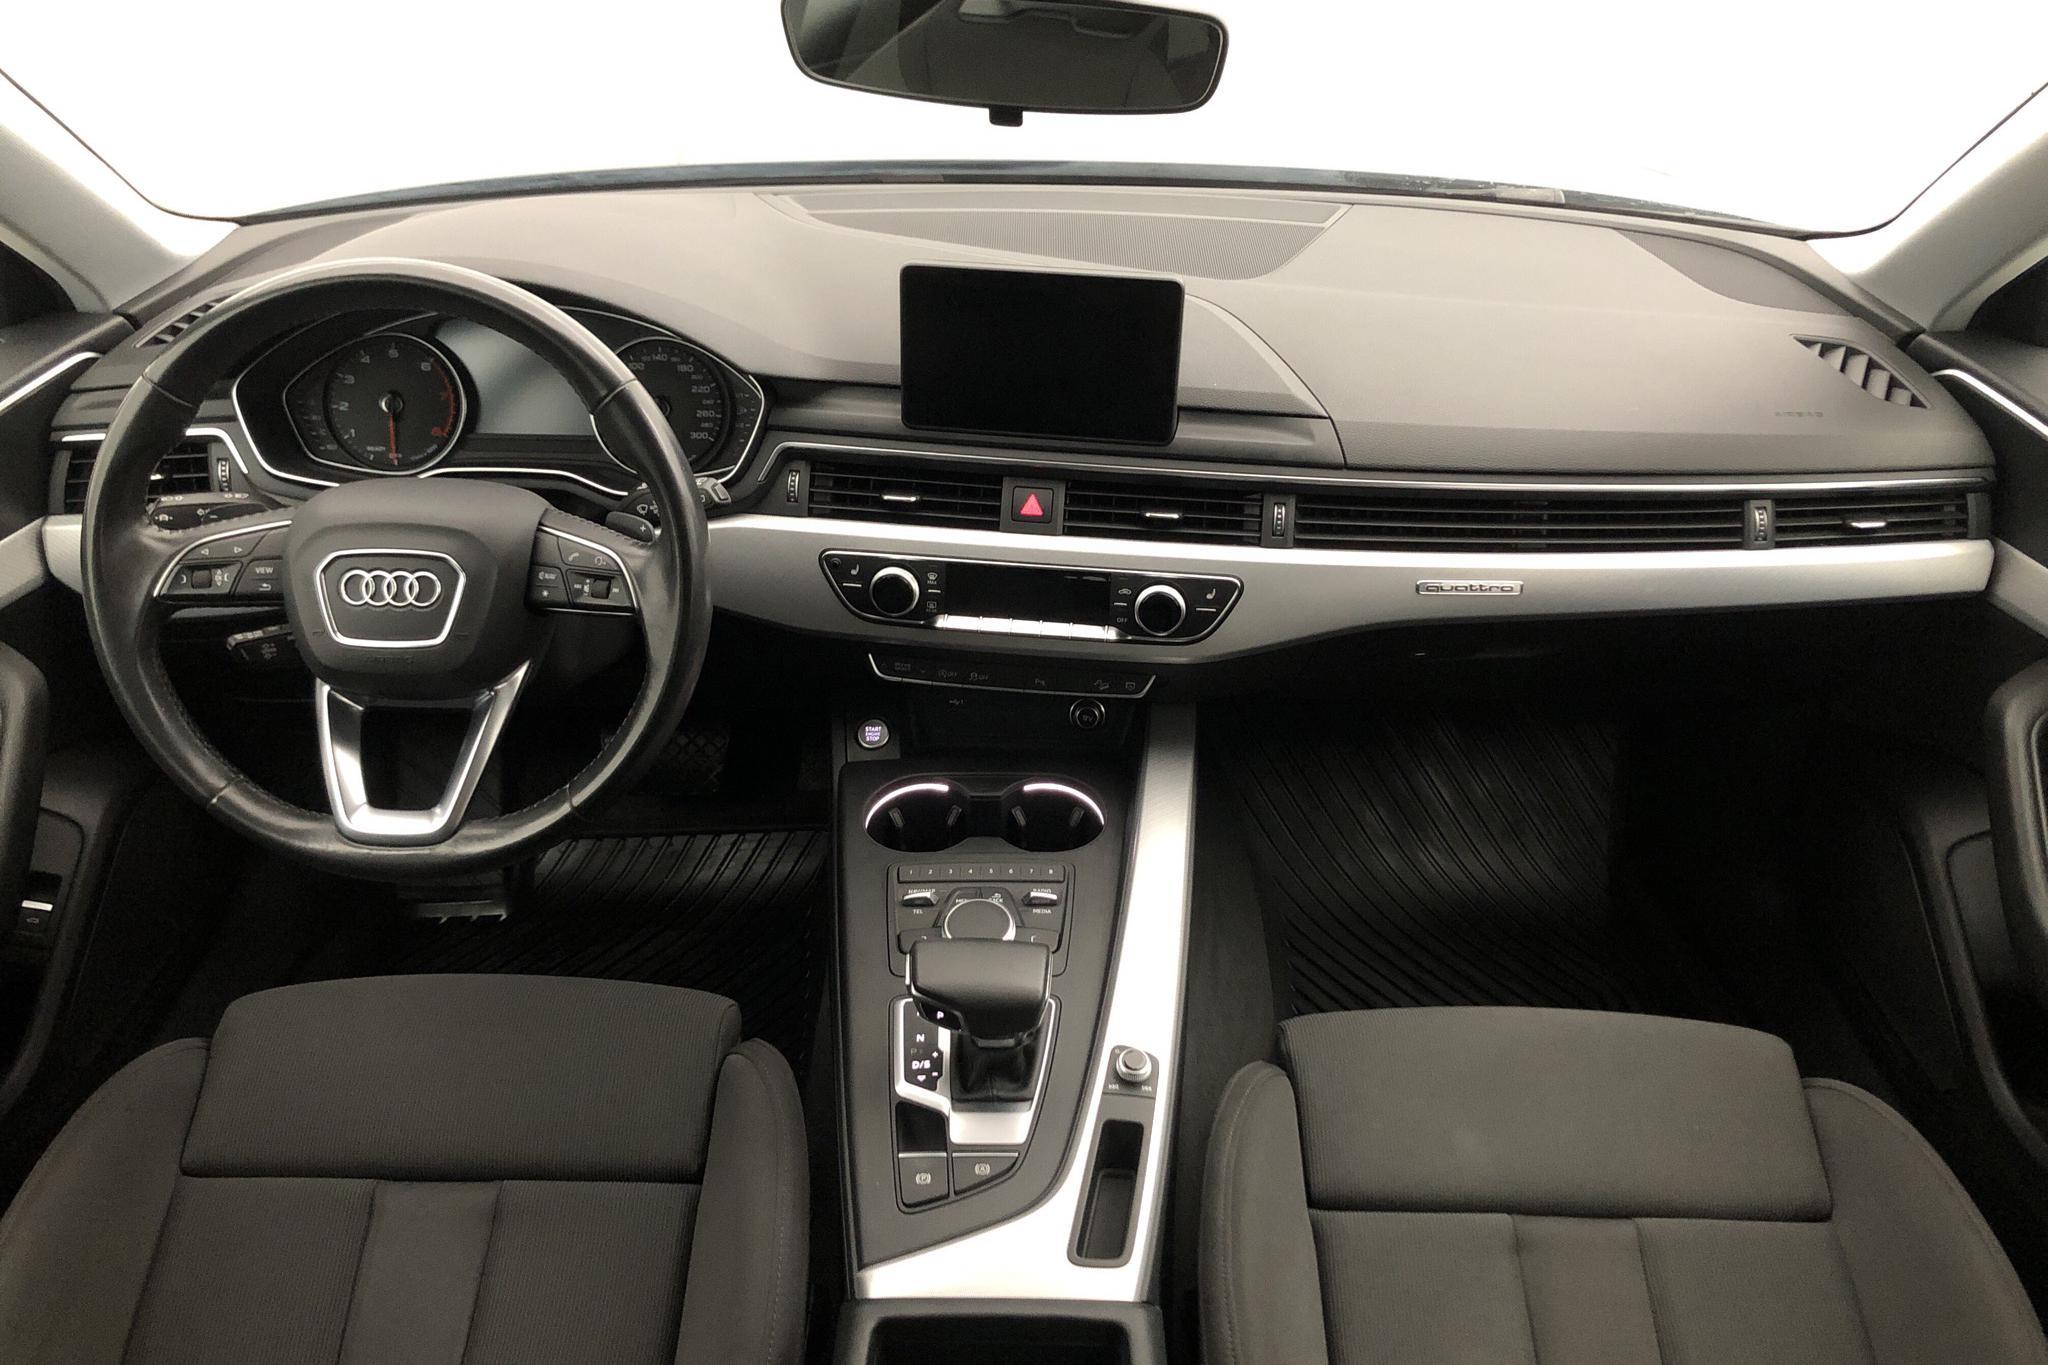 Audi A4 Allroad 2.0 TFSI quattro (252hk) - 153 060 km - Automatic - gray - 2018